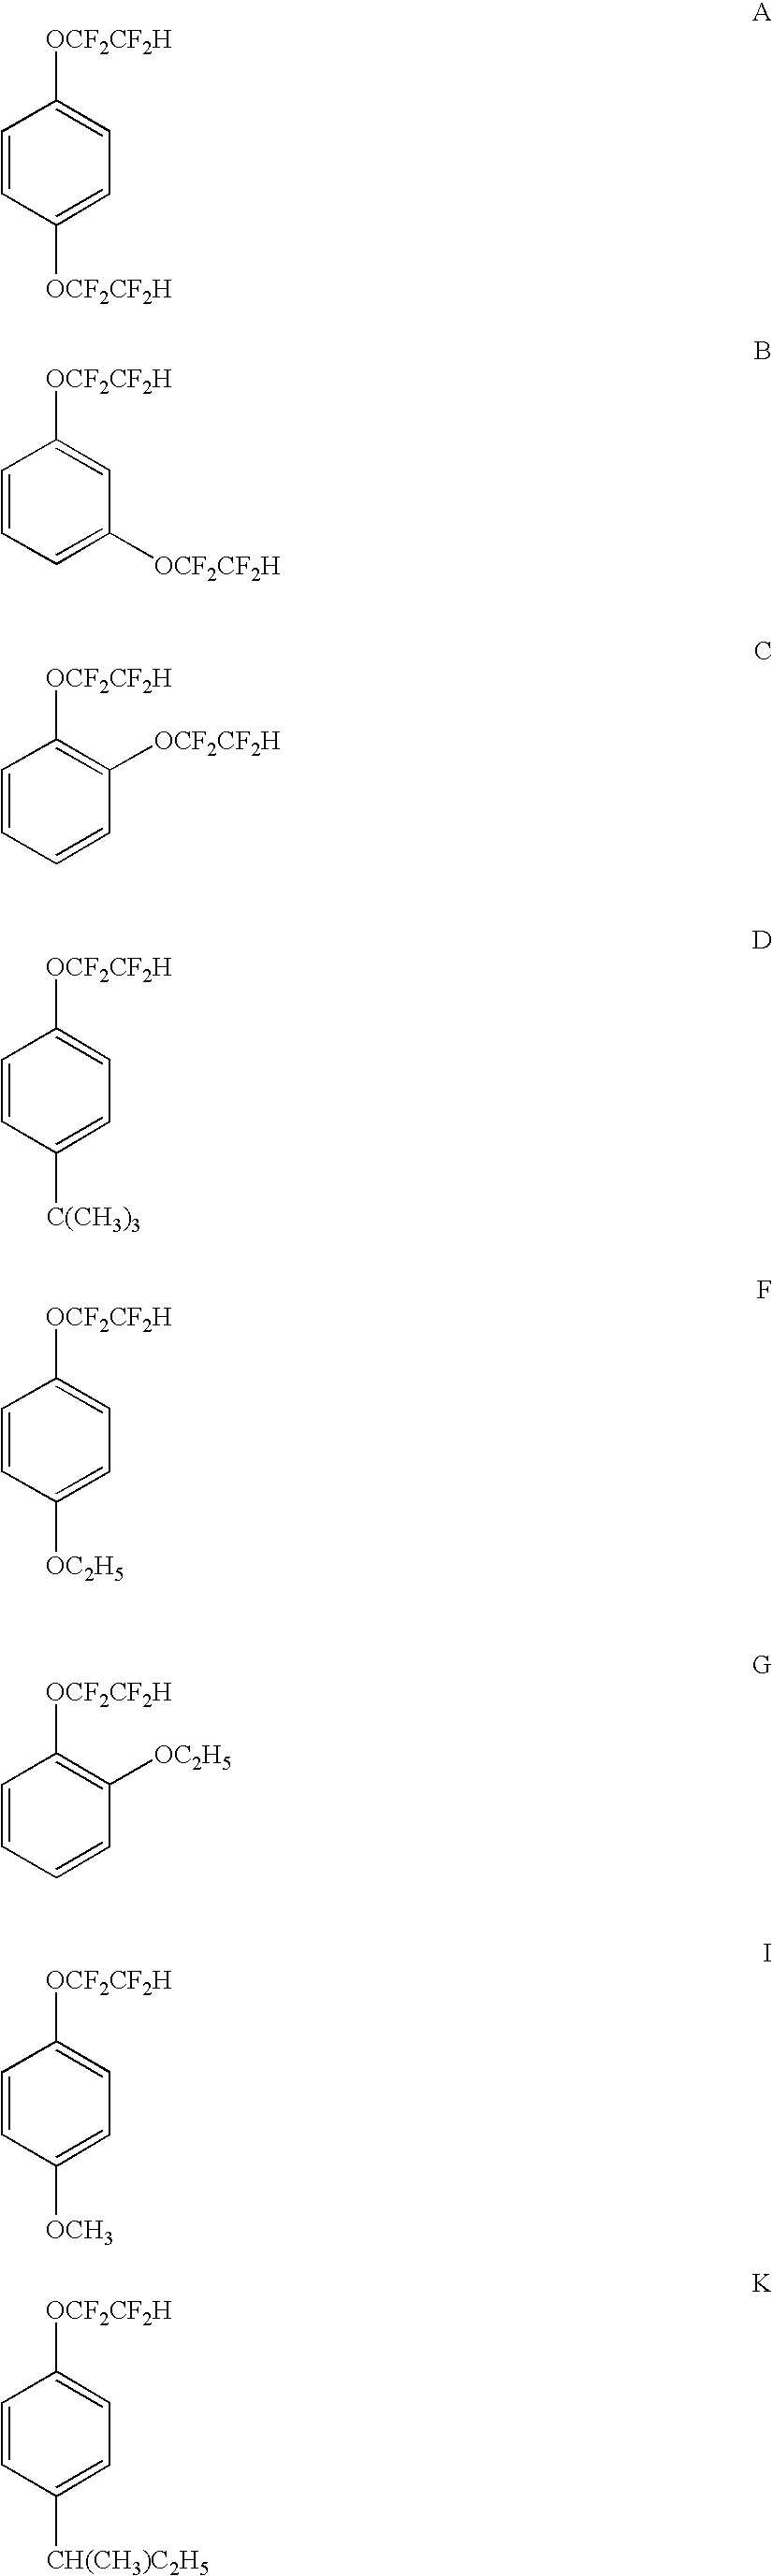 Figure US20050062021A1-20050324-C00008